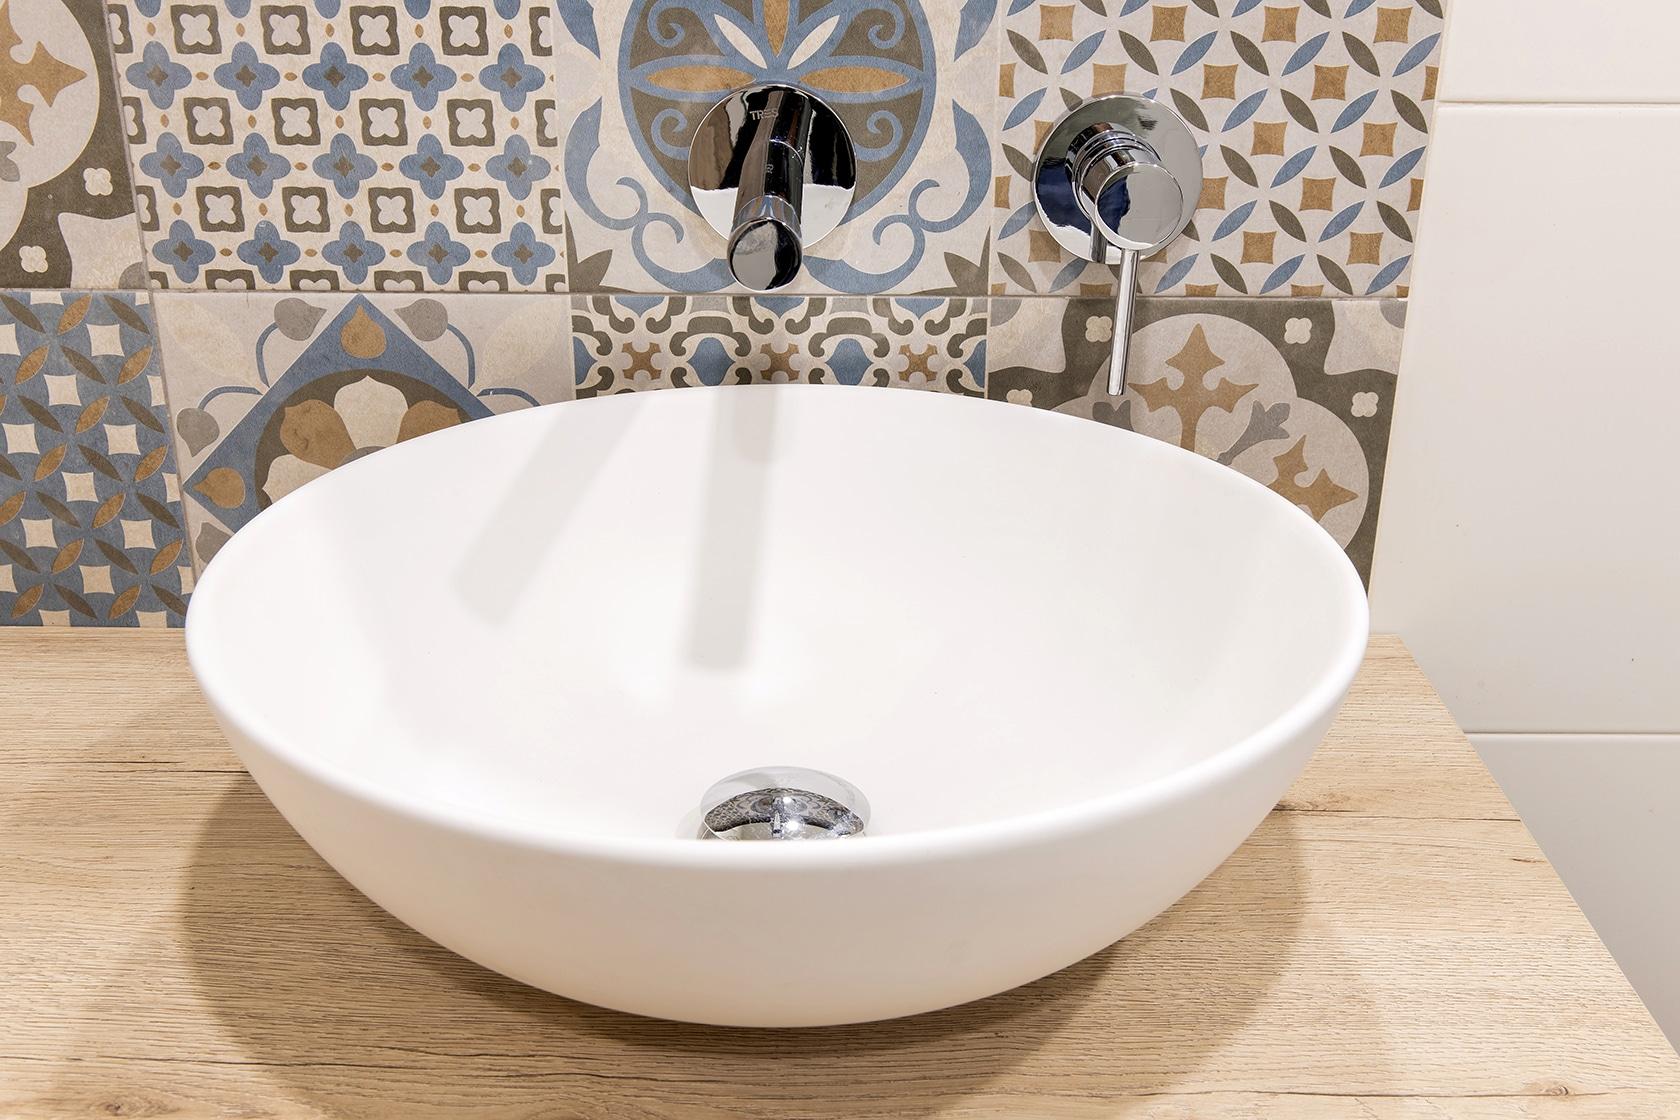 Pica redonda con mosaico al fondo